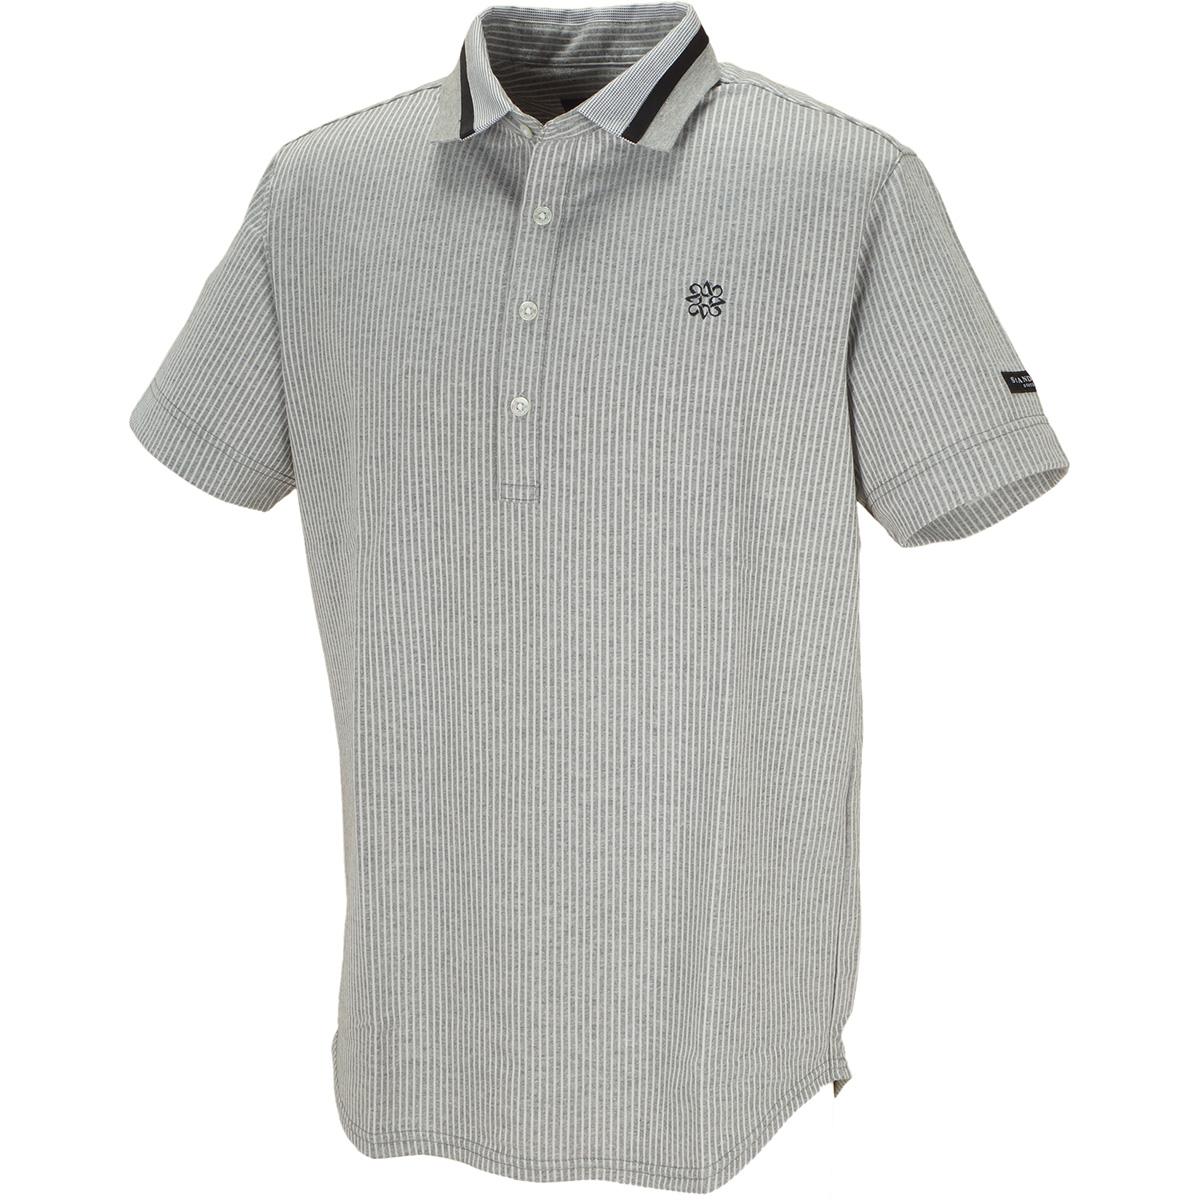 サッカーストライプ 半袖ポロシャツ